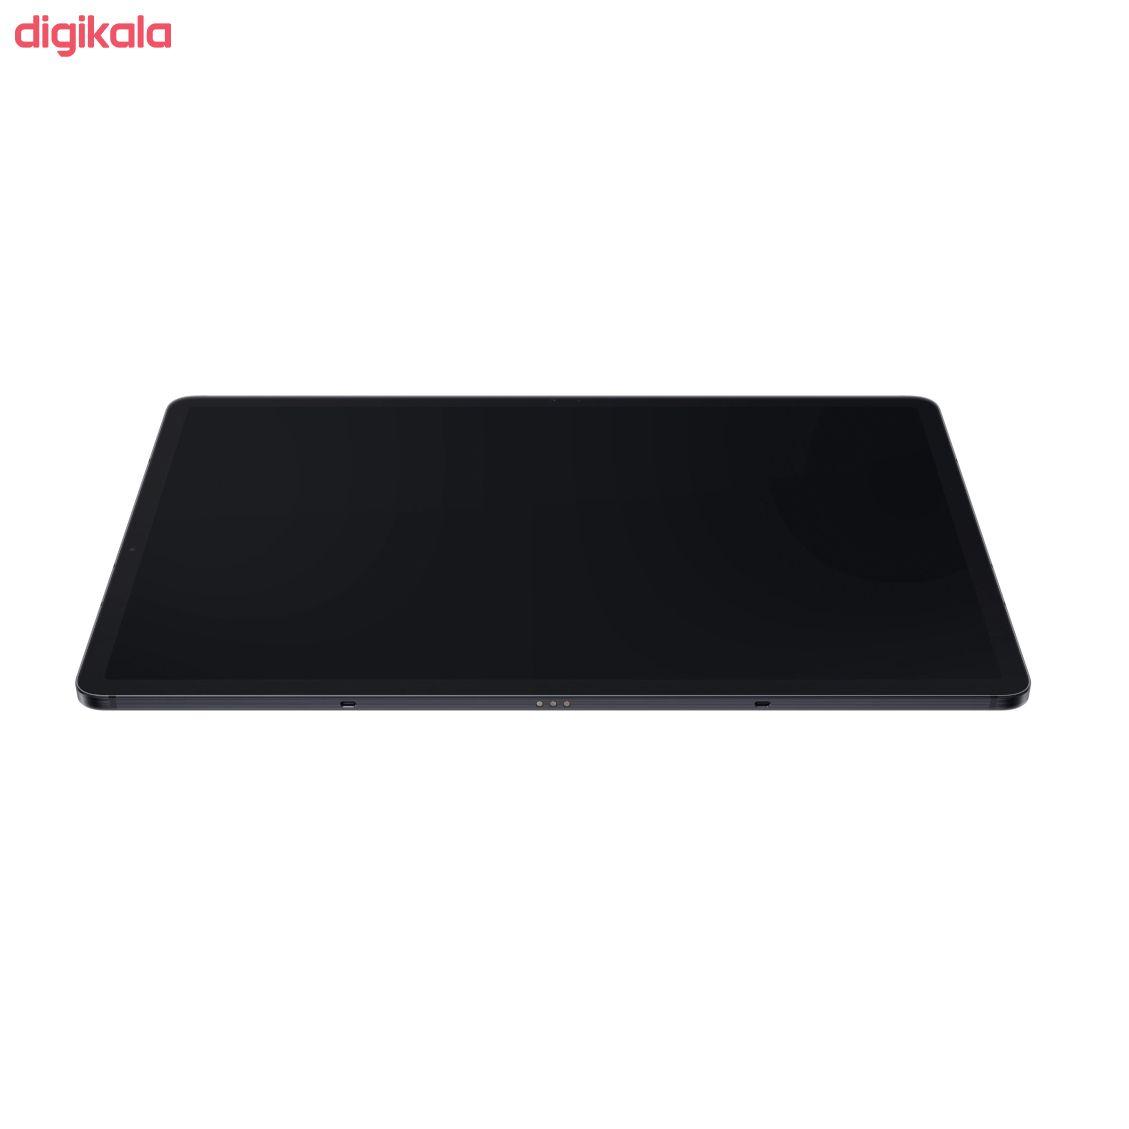 تبلت سامسونگ مدل Galaxy Tab S7+ SM-T975 ظرفیت 128 گیگابایت  main 1 2